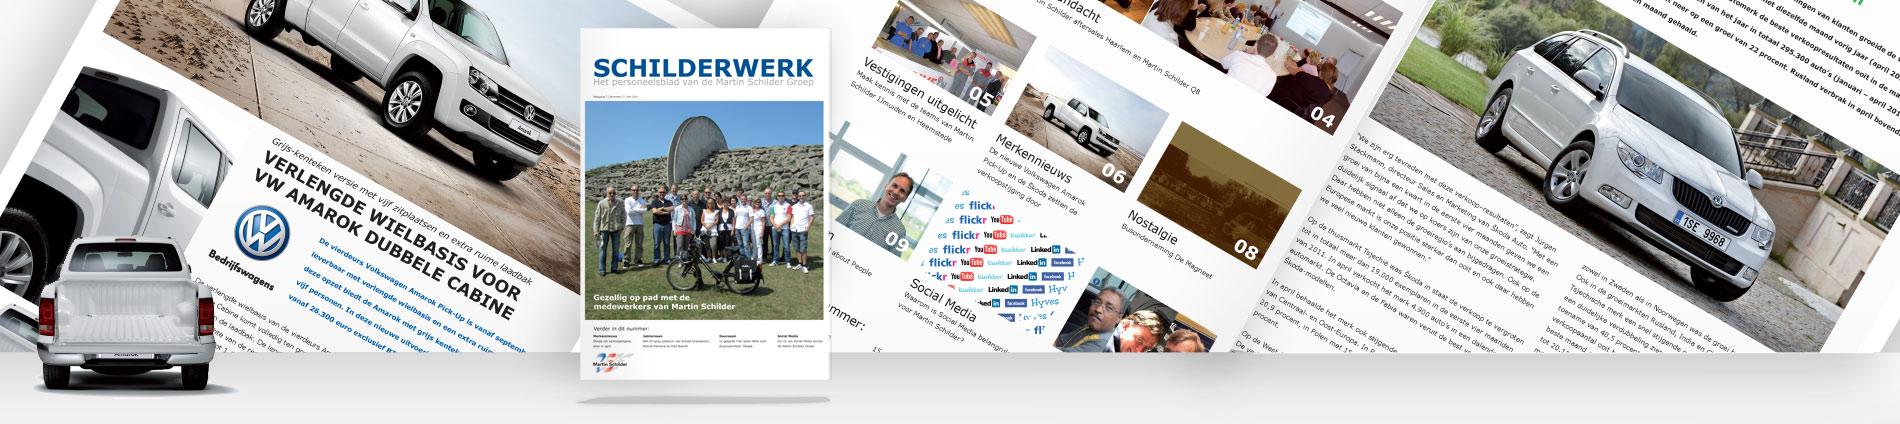 brochure laten maken, design brochure, brochure vormgeving, vormgeving brochure, ontwerp brochure